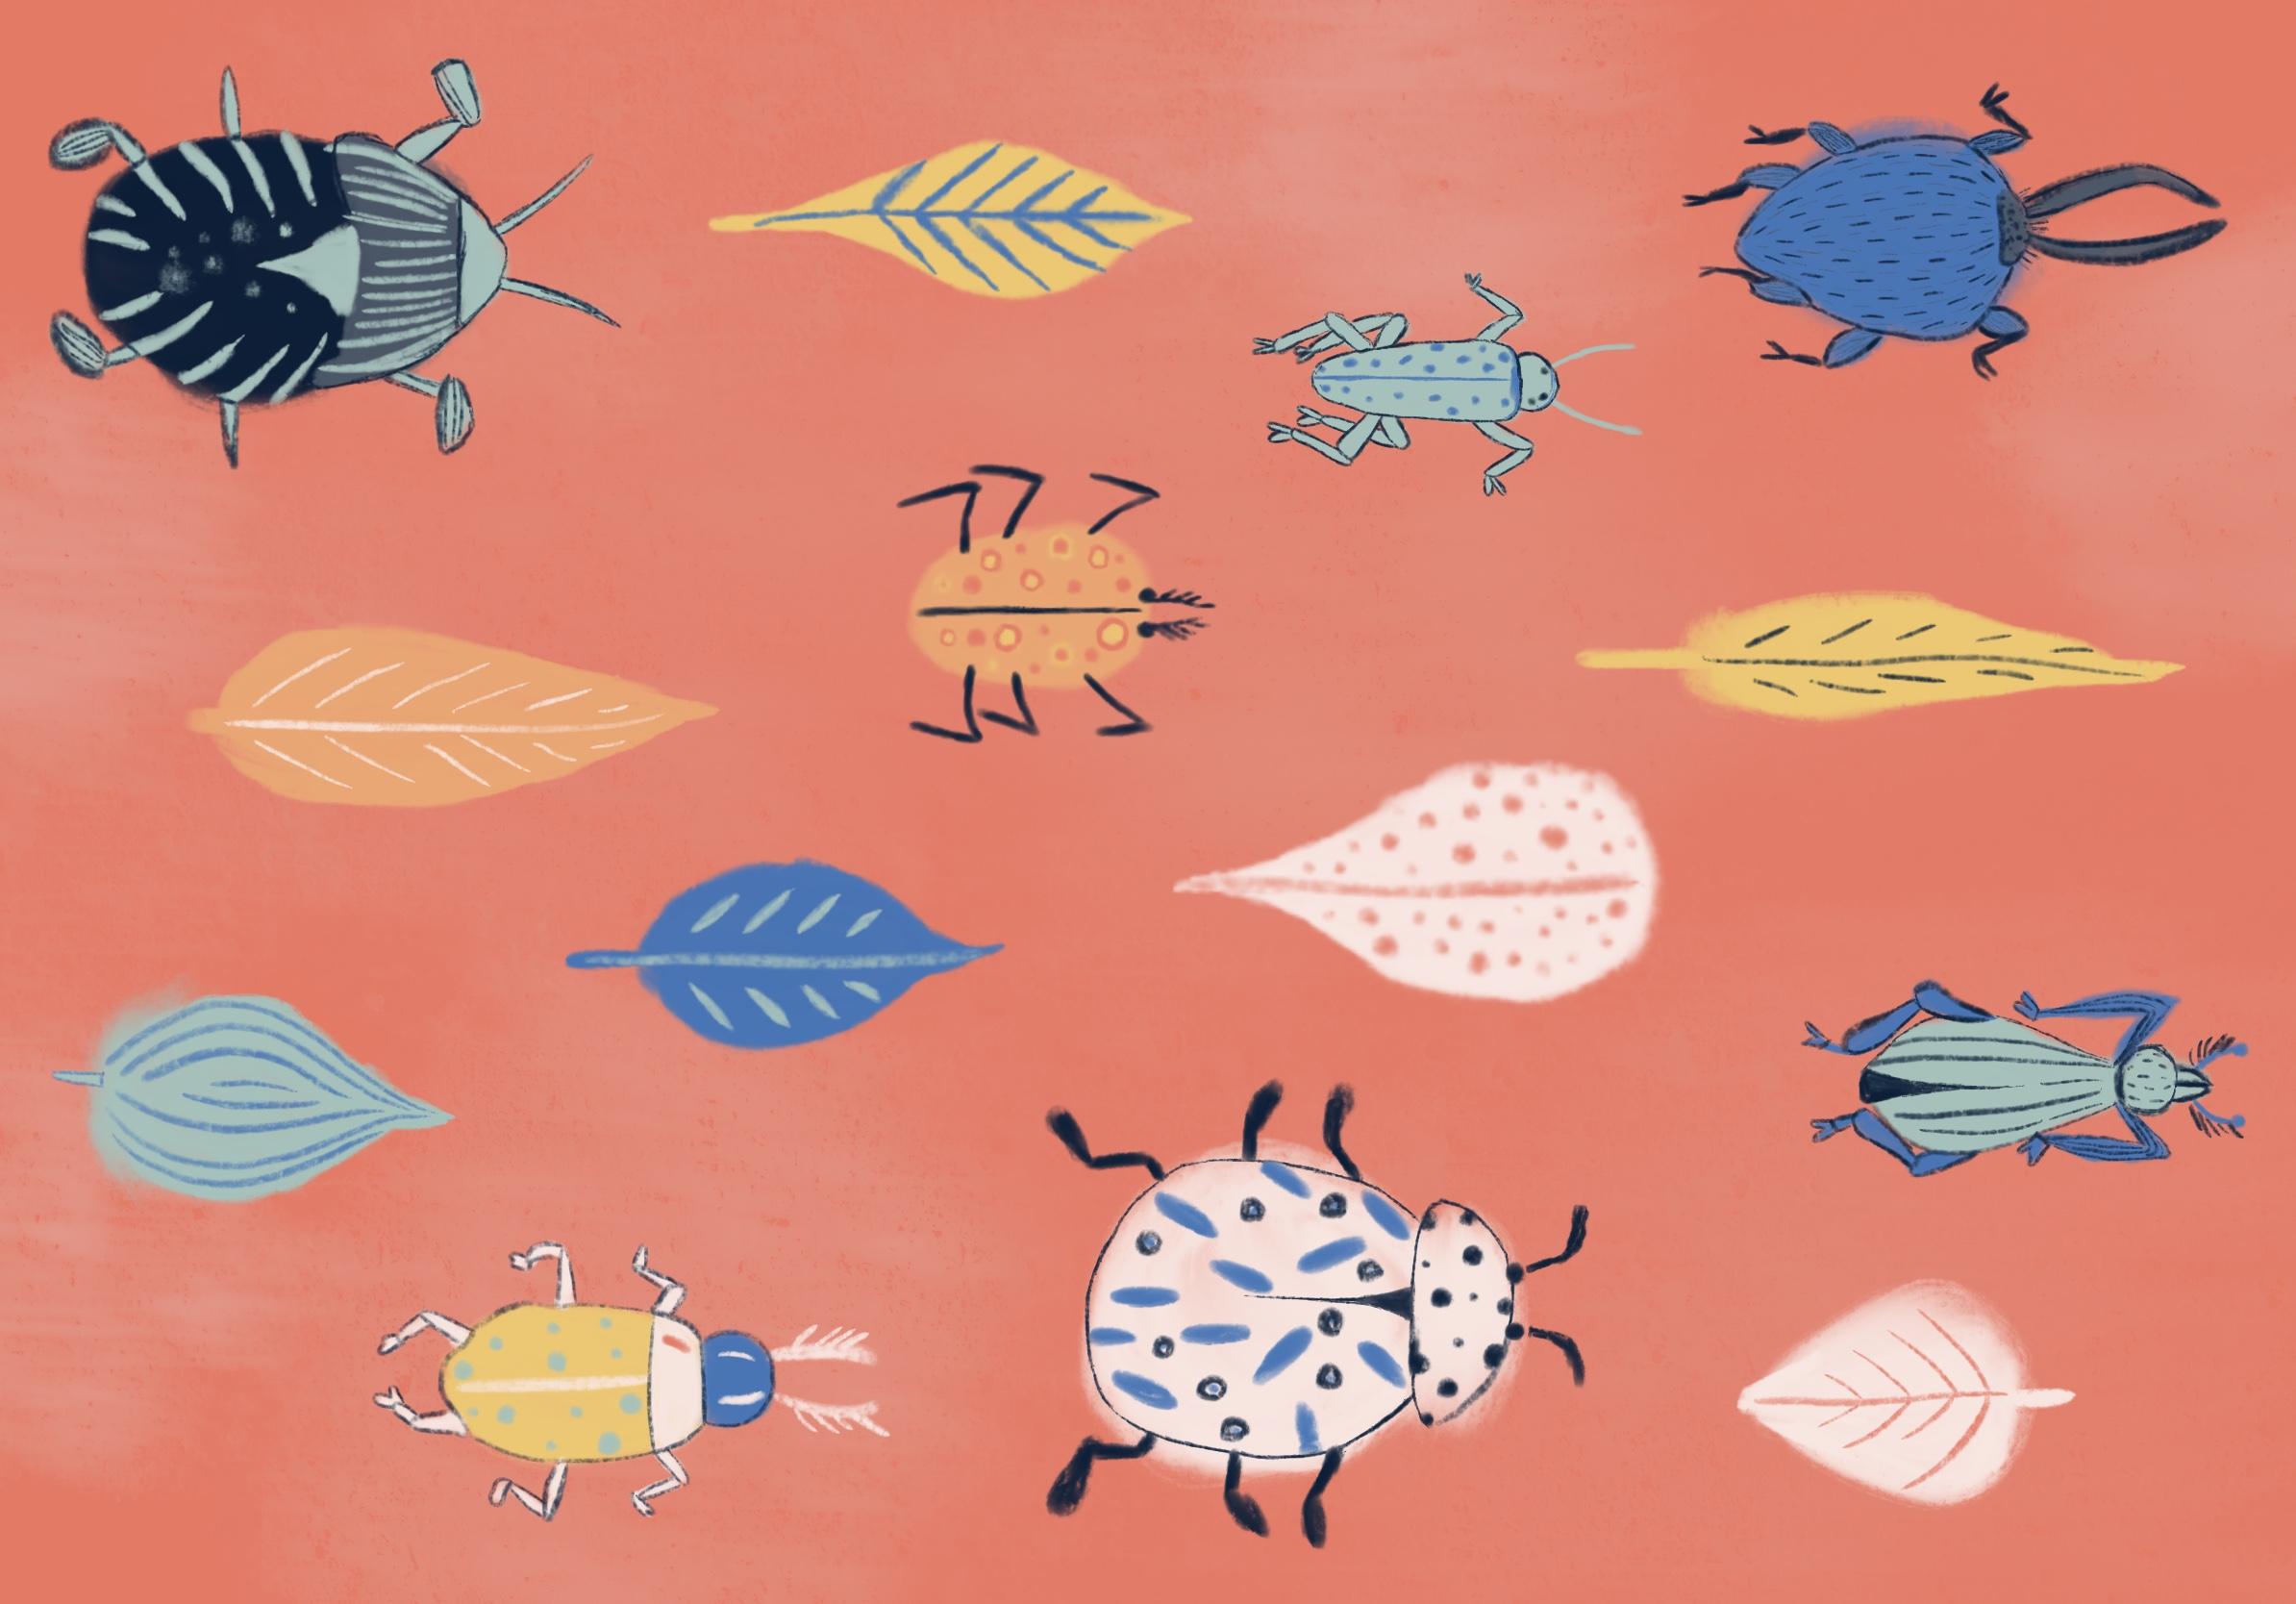 Beetles - Ages 4 years / Pre-K